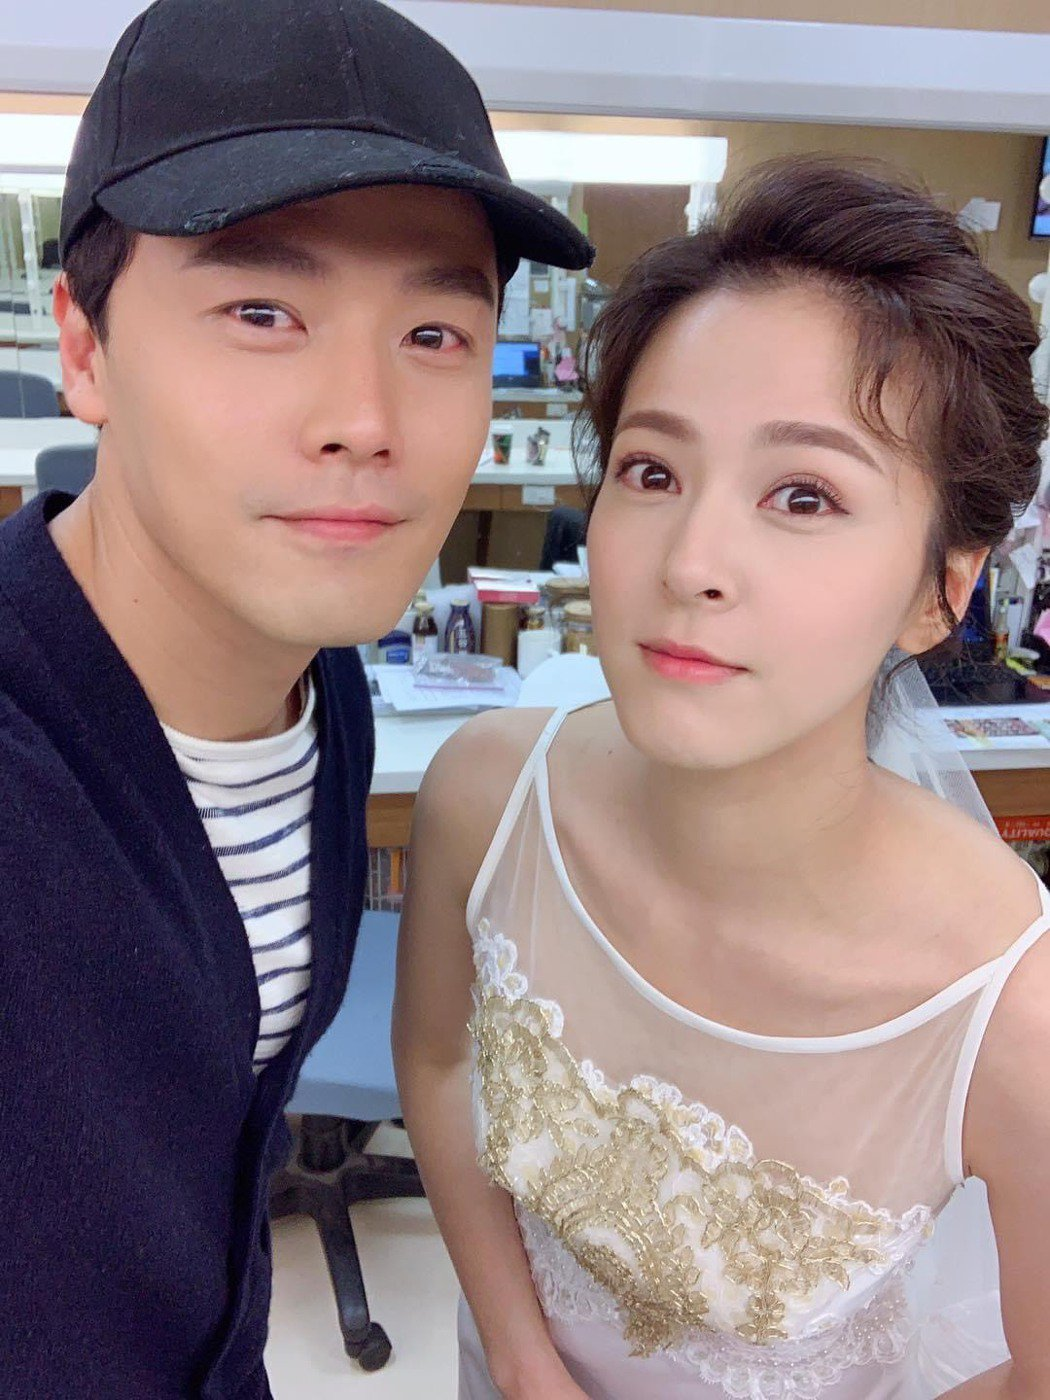 黃文星(右)在臉書貼出和蘇晏霈「姐夫與明玥的最後一張合照」。圖/翻攝臉書